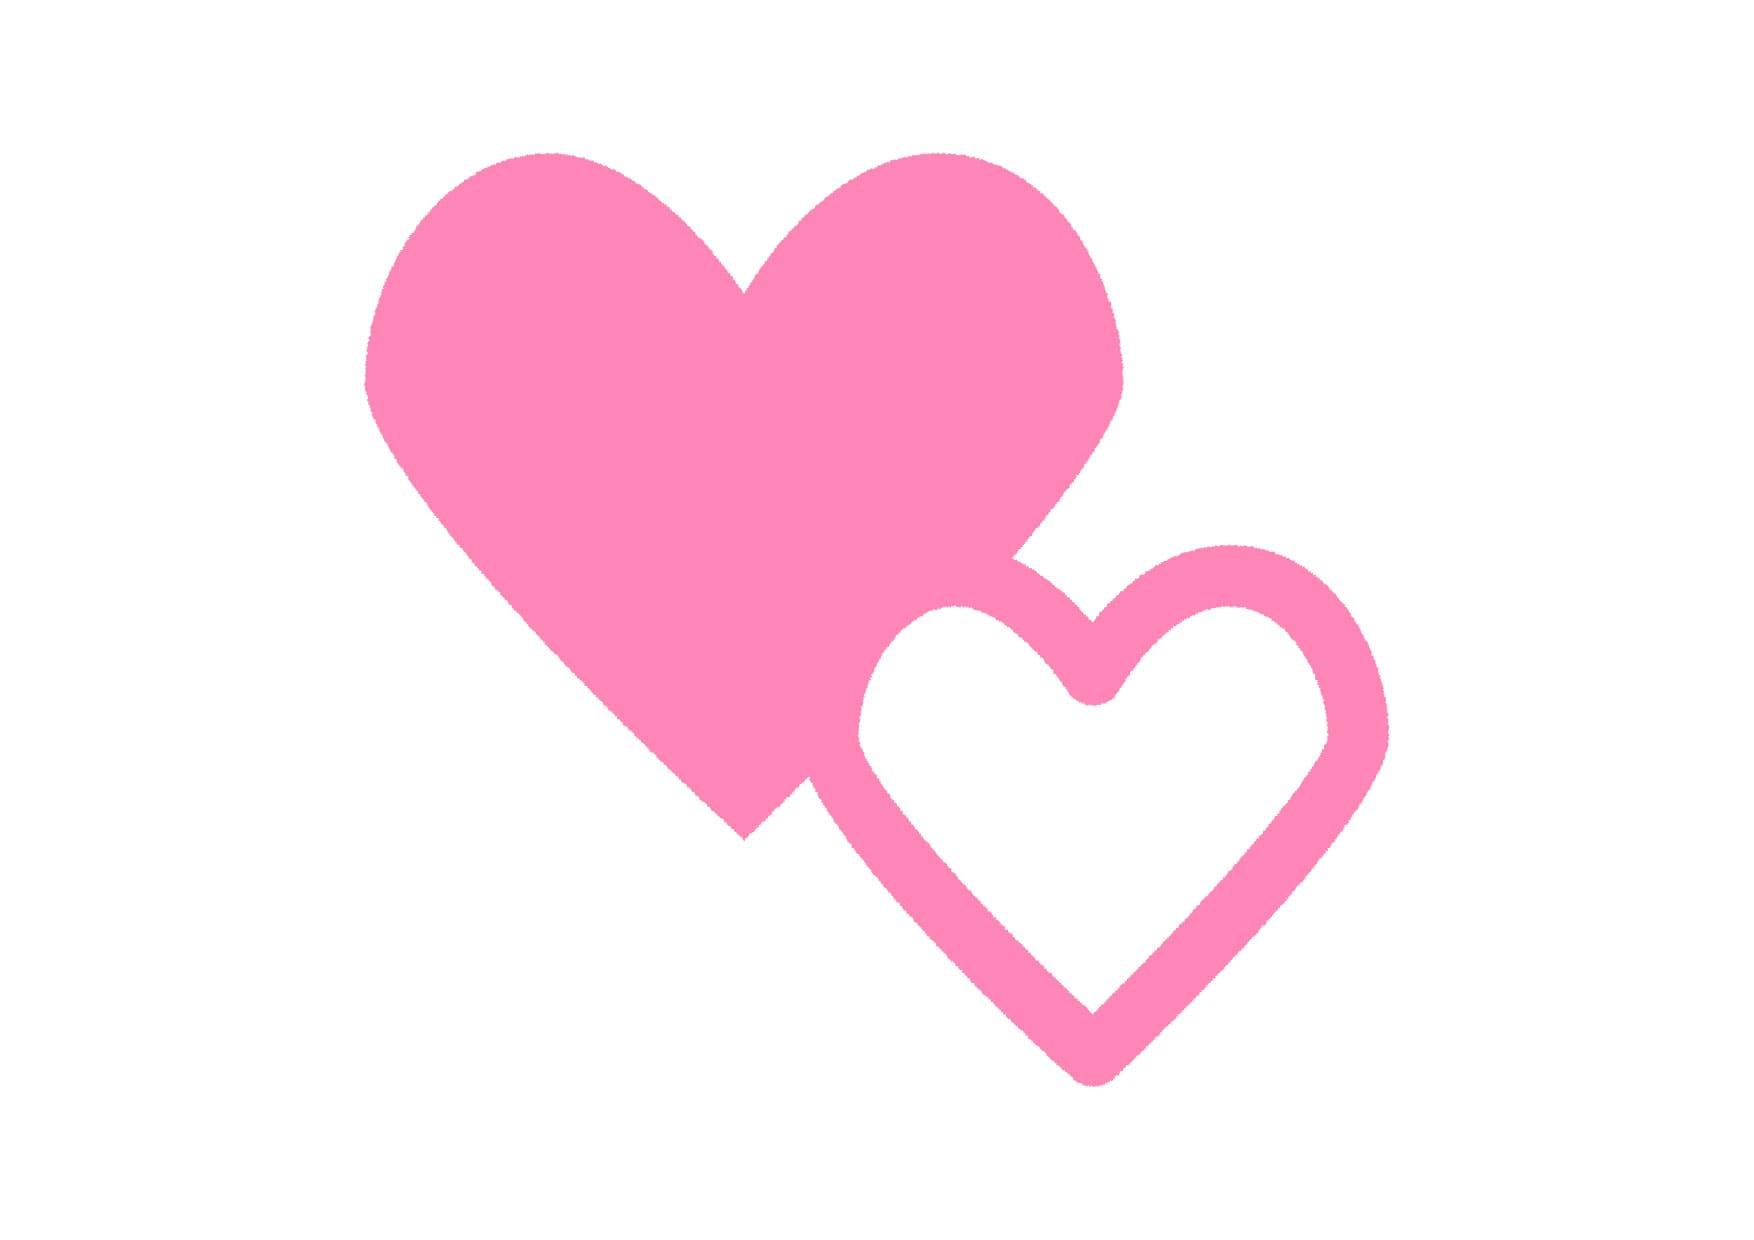 可愛いイラスト無料|ハートマーク ピンク − free illustration Heart symbol pink